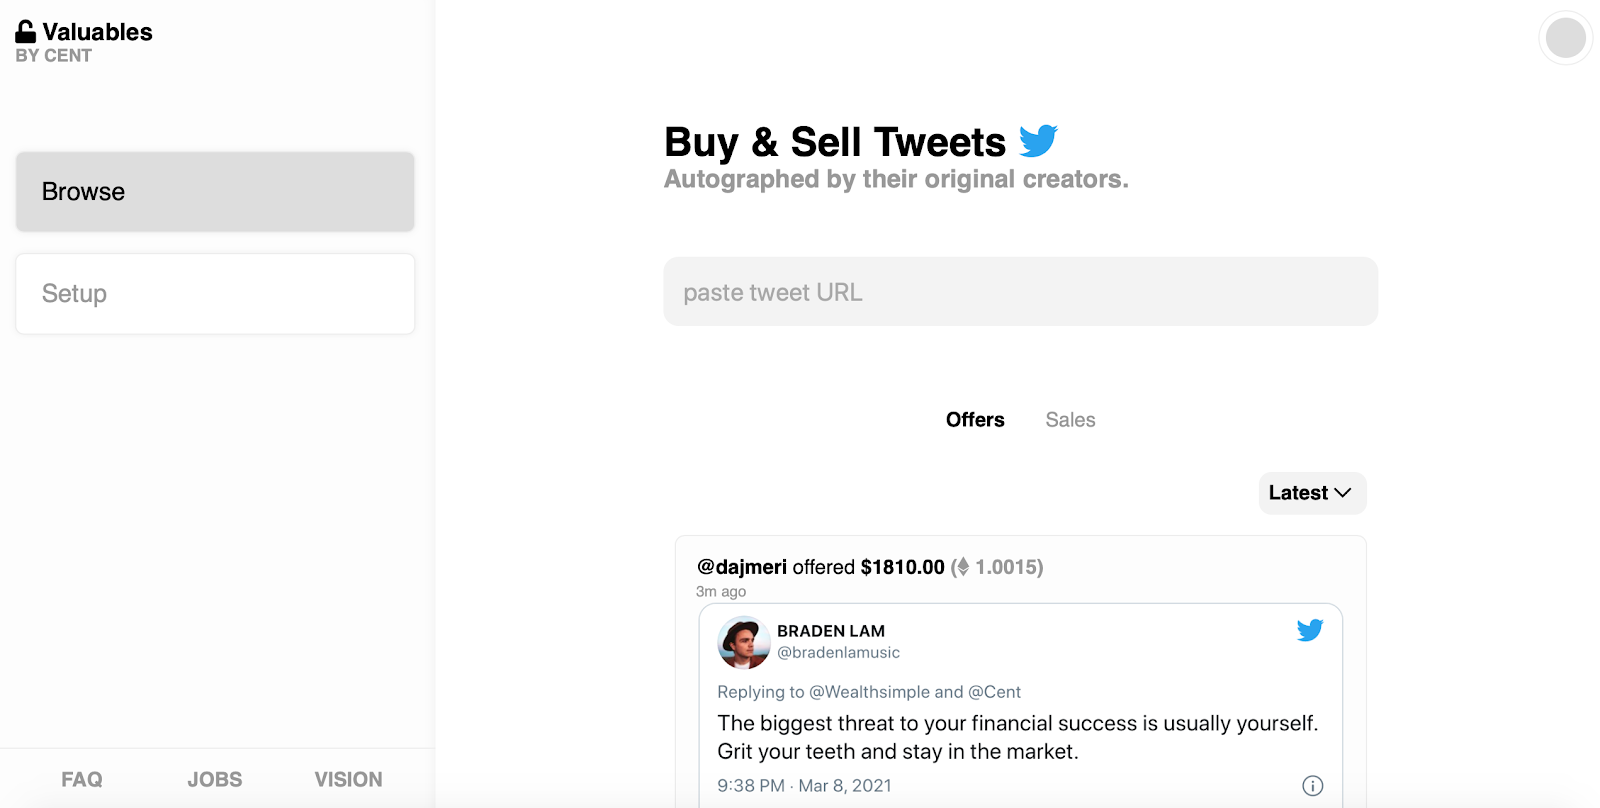 Скрин приветственного экрана Valuables